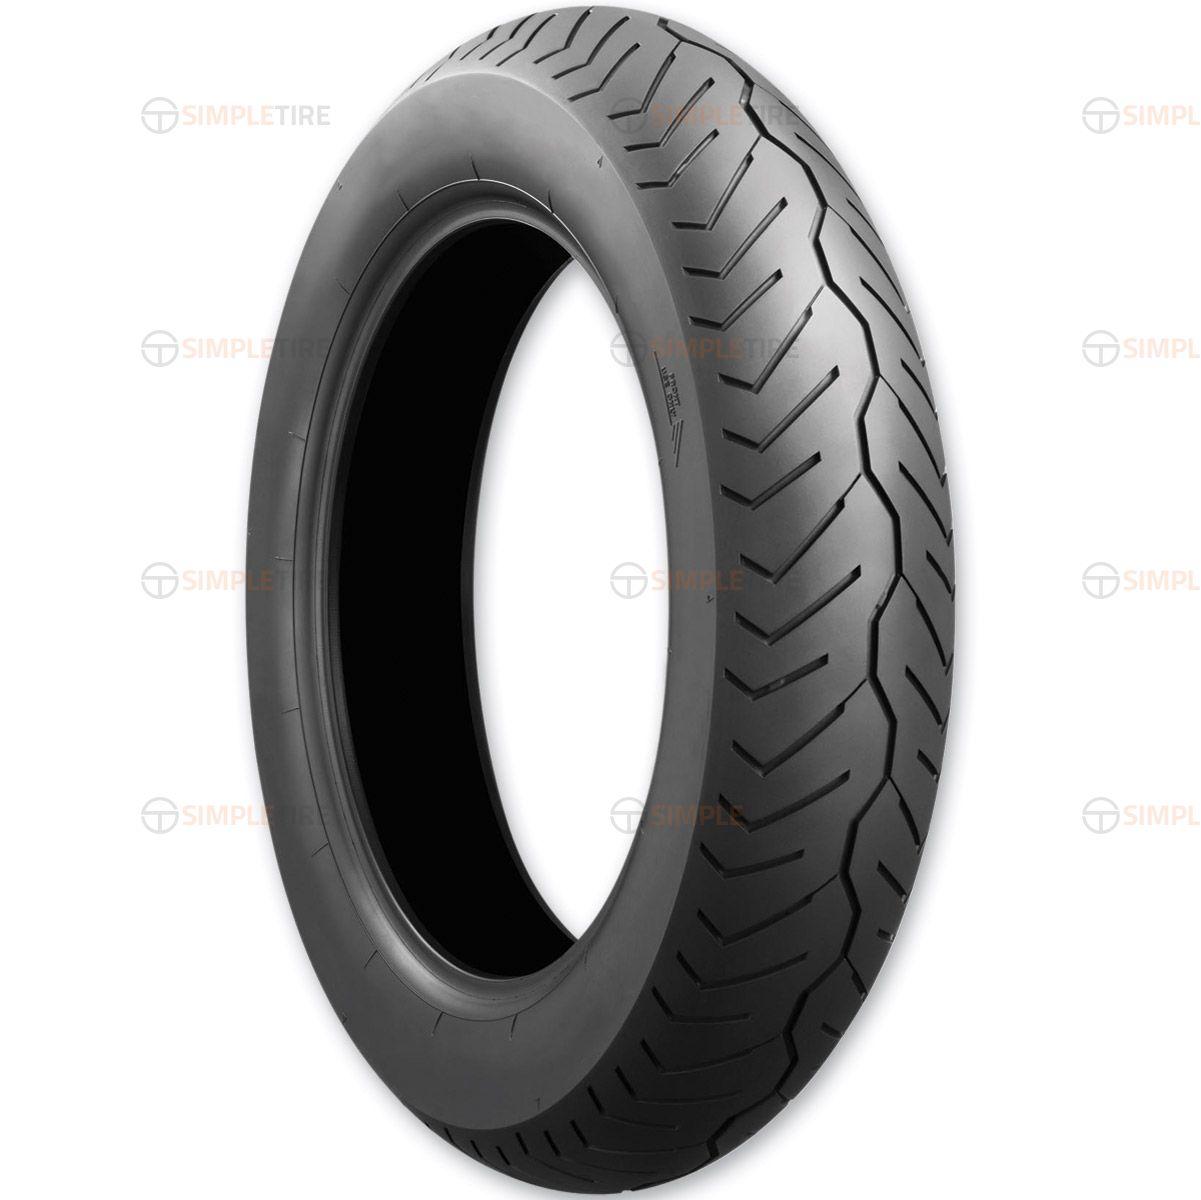 004608 120/70R18 Exedra Max (Front) Bridgestone